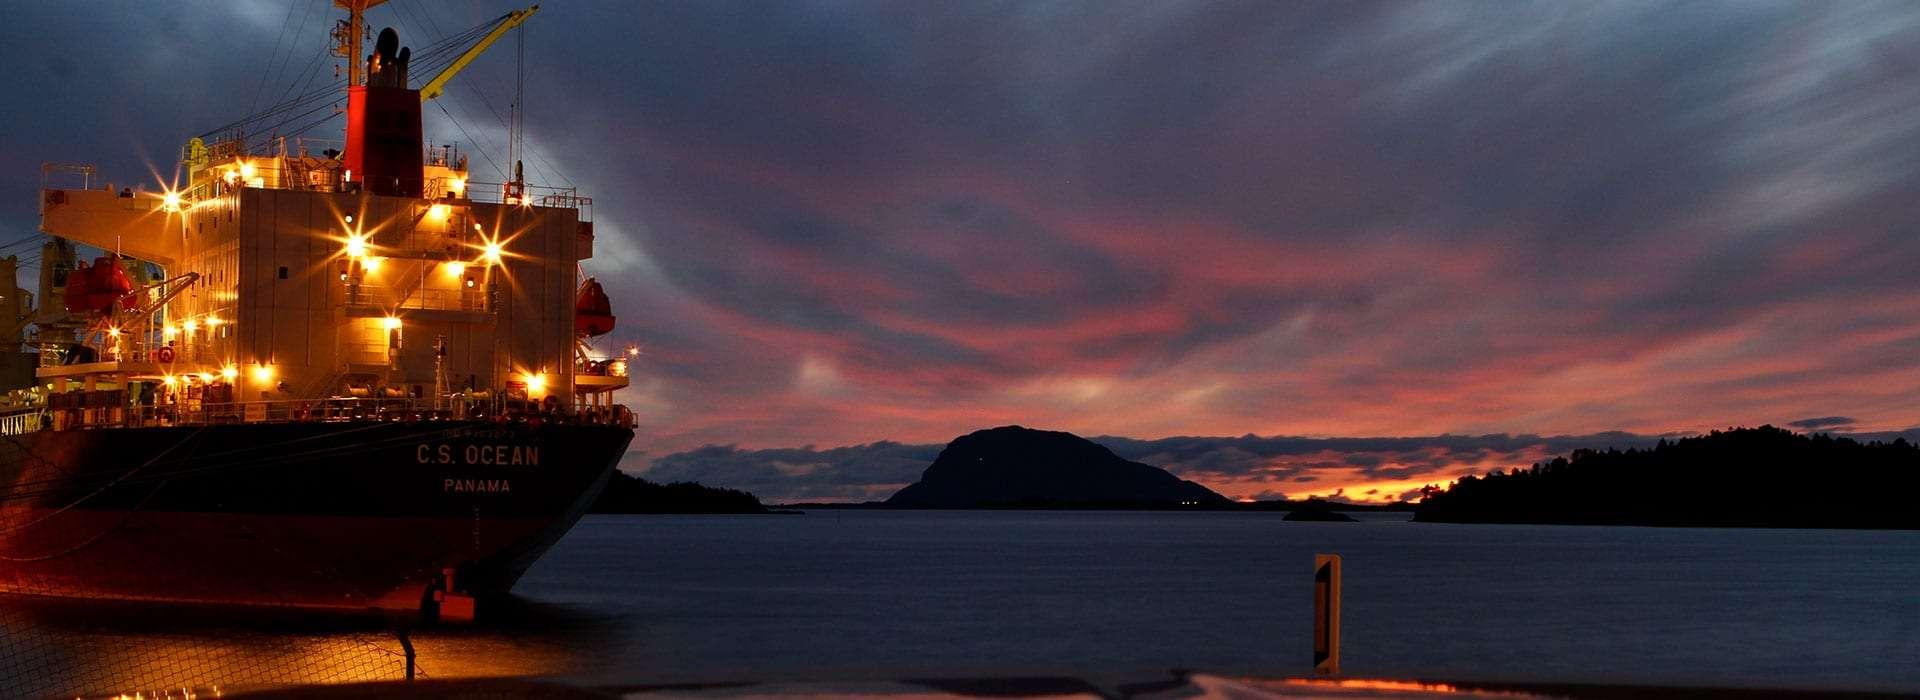 Skip i solnedgang. Foto.